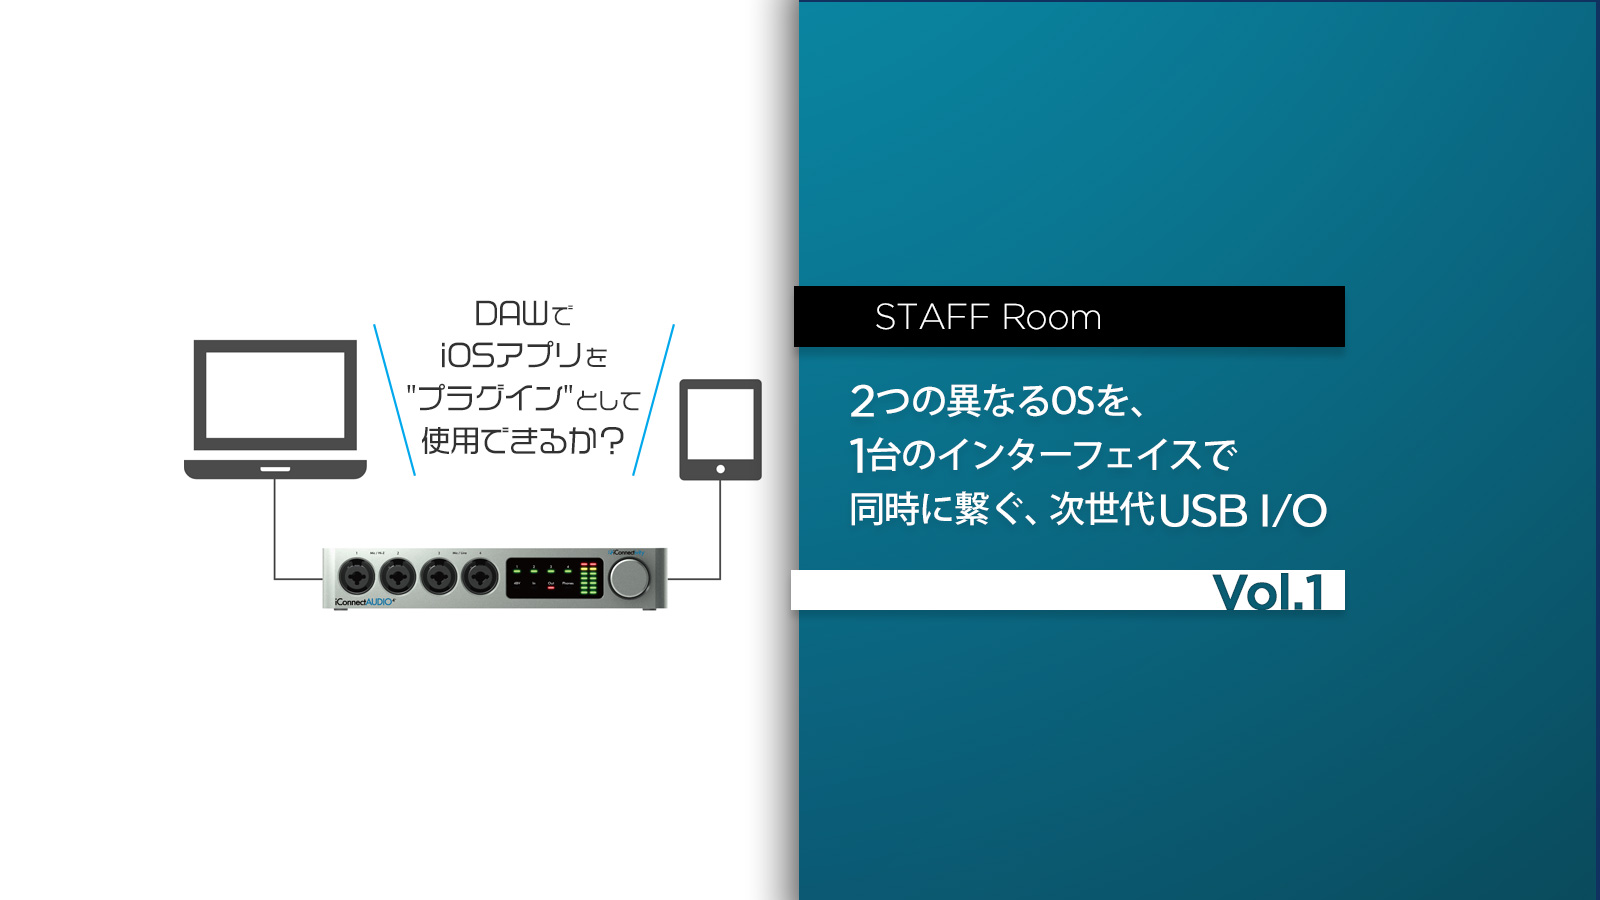 スタッフルーム:2つの異なるOSを、1台のインターフェイスで同時に繋ぐ、次世代USB I/O Vol.1